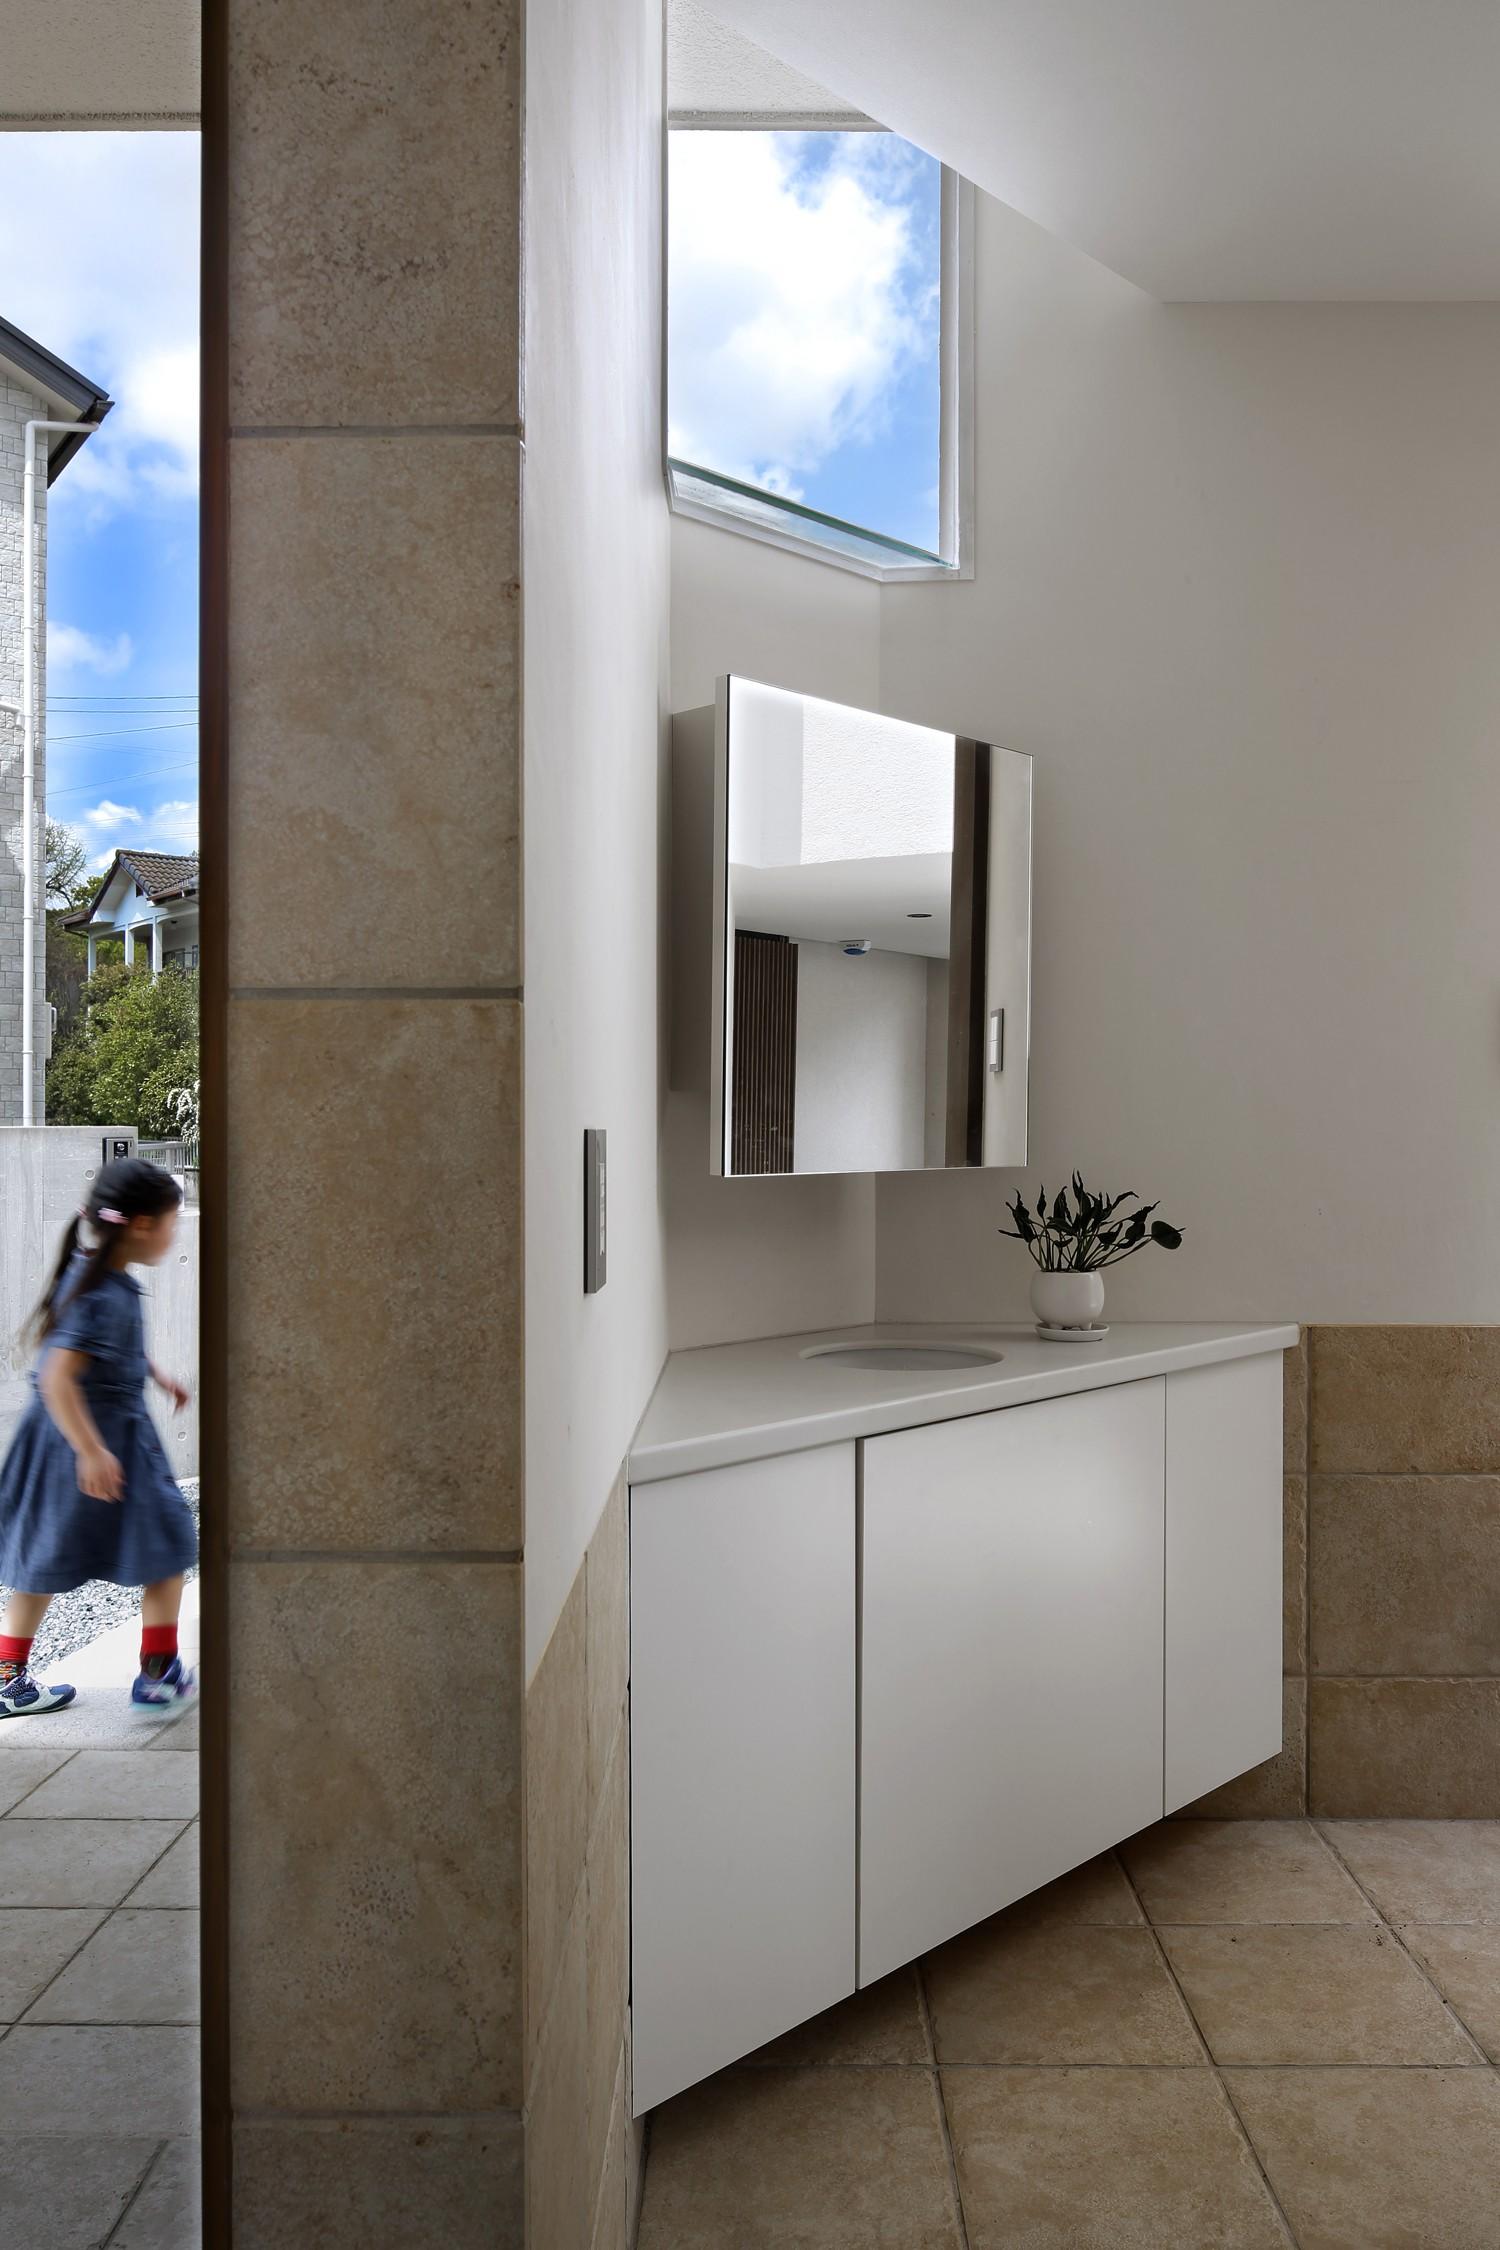 玄関事例:玄関周り02(【帰ったらまず、手洗い、うがい】ドクターの家づくり計画に学ぶ)